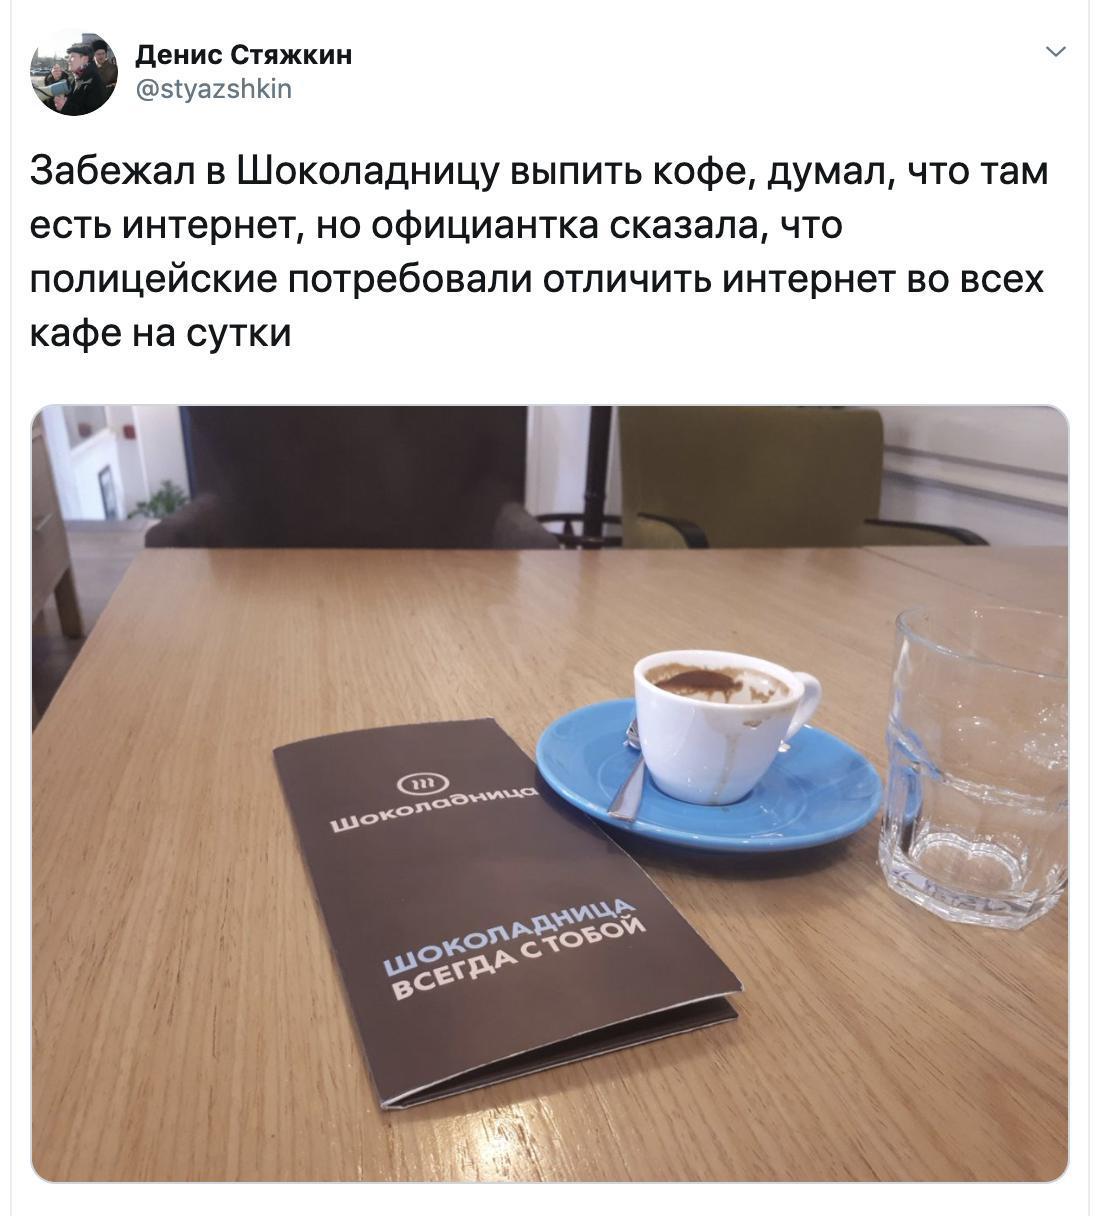 Москва без интернета: беспрецедентный произвол силовиков. Новости мира